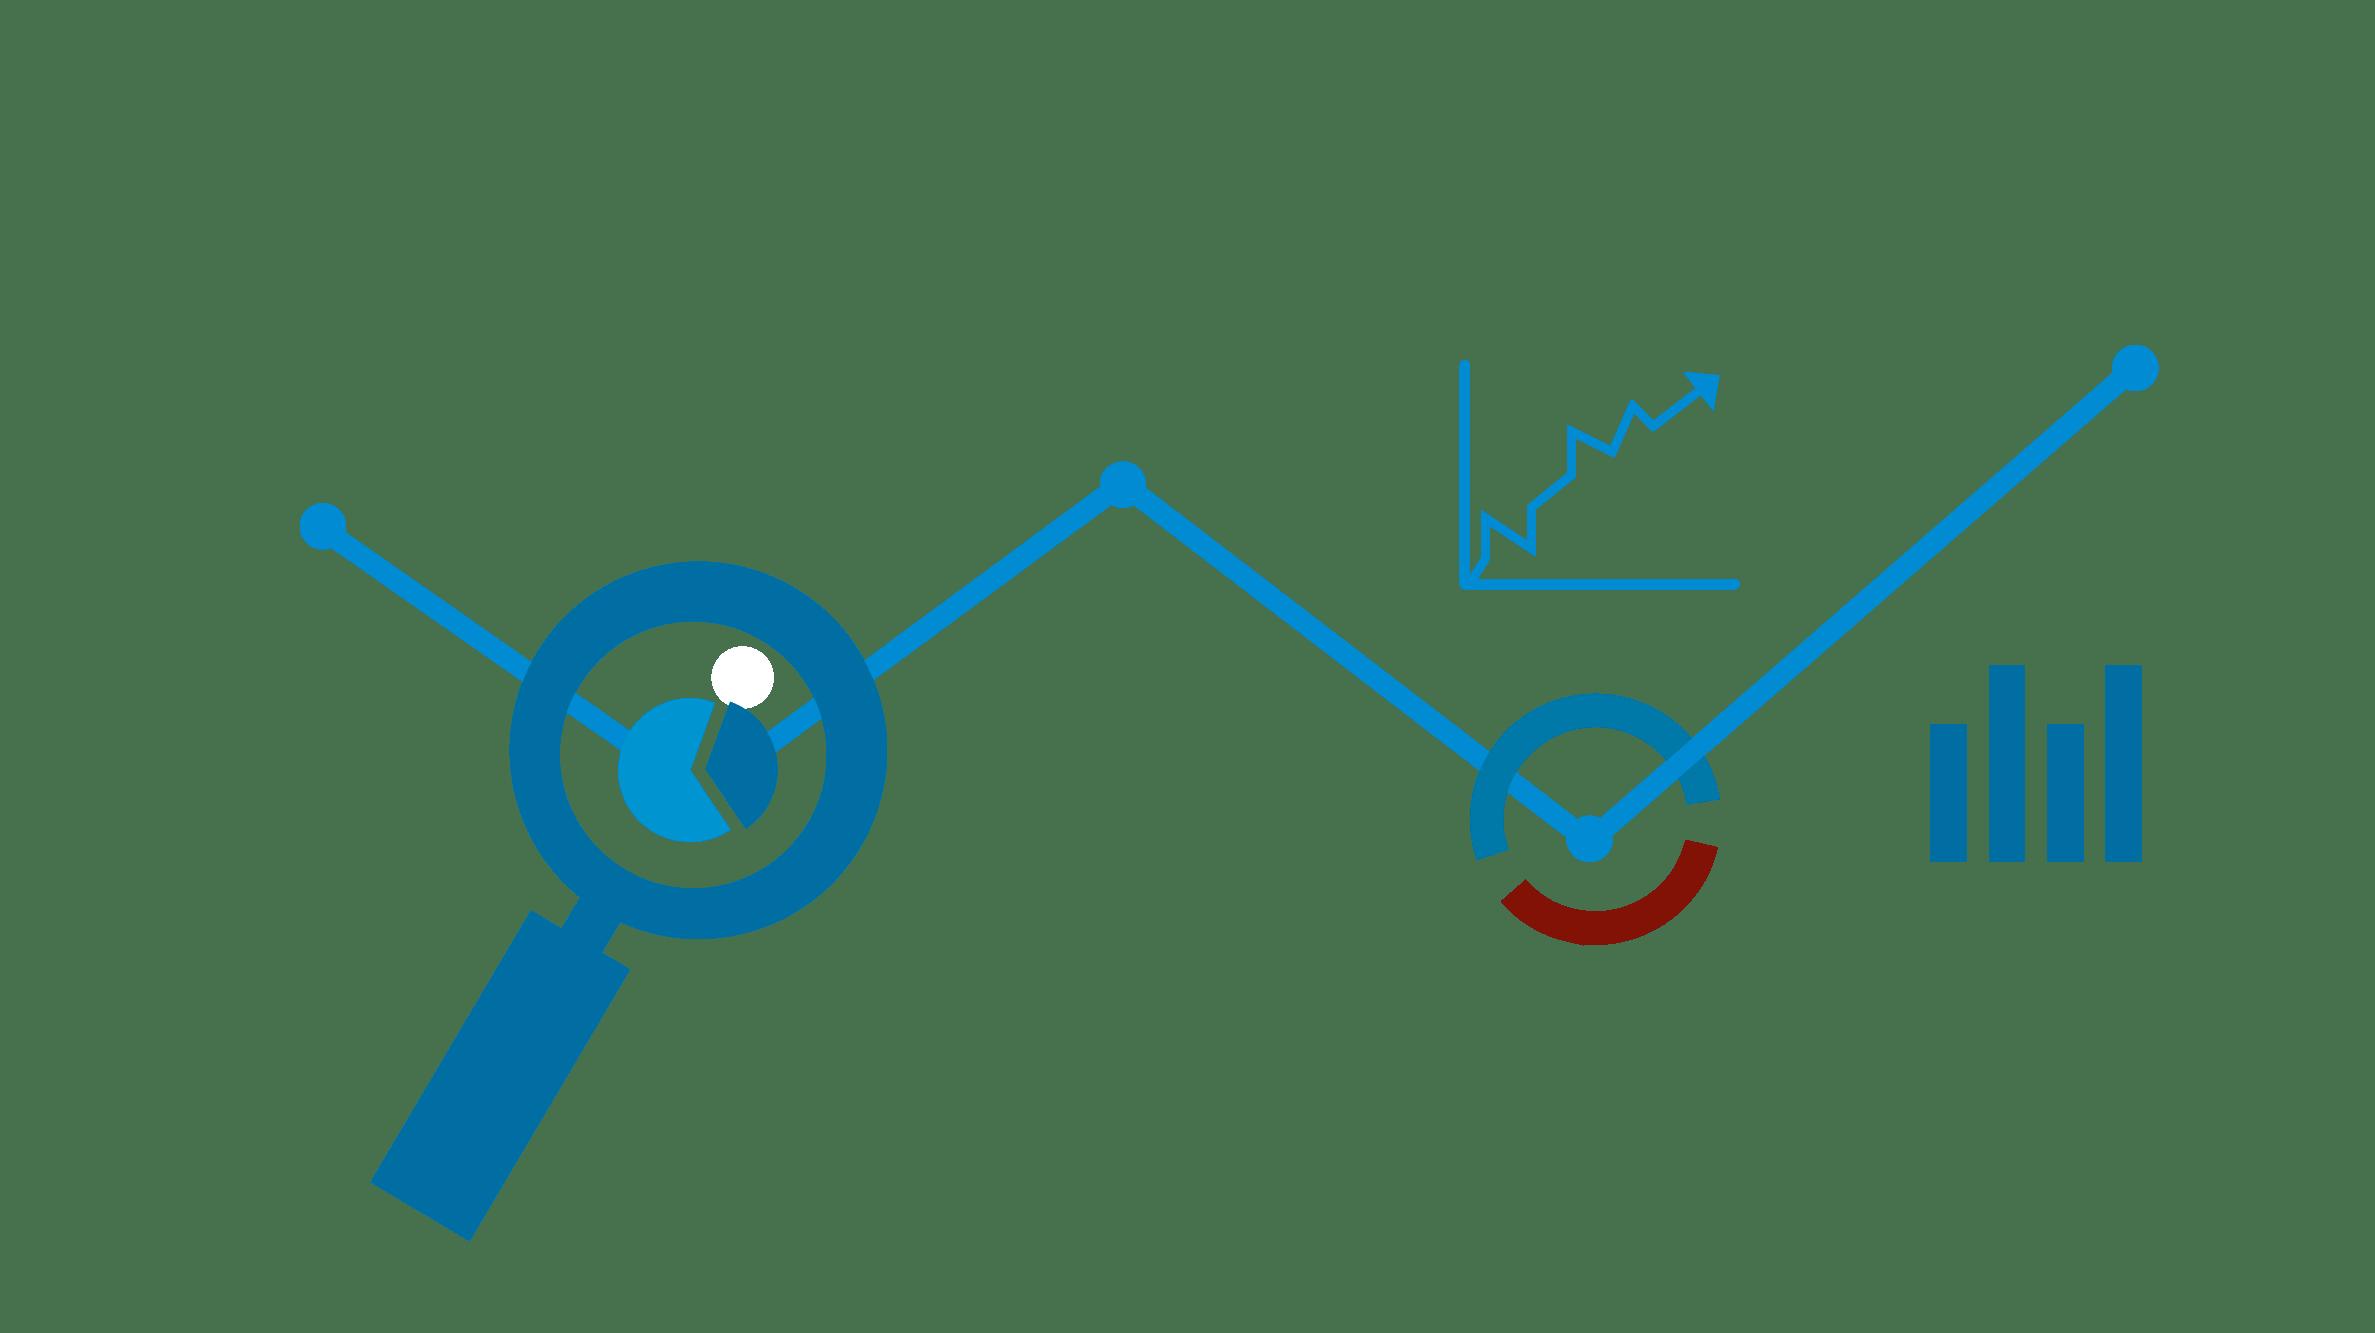 Darstellung Zahlen, Grafik und Lupe